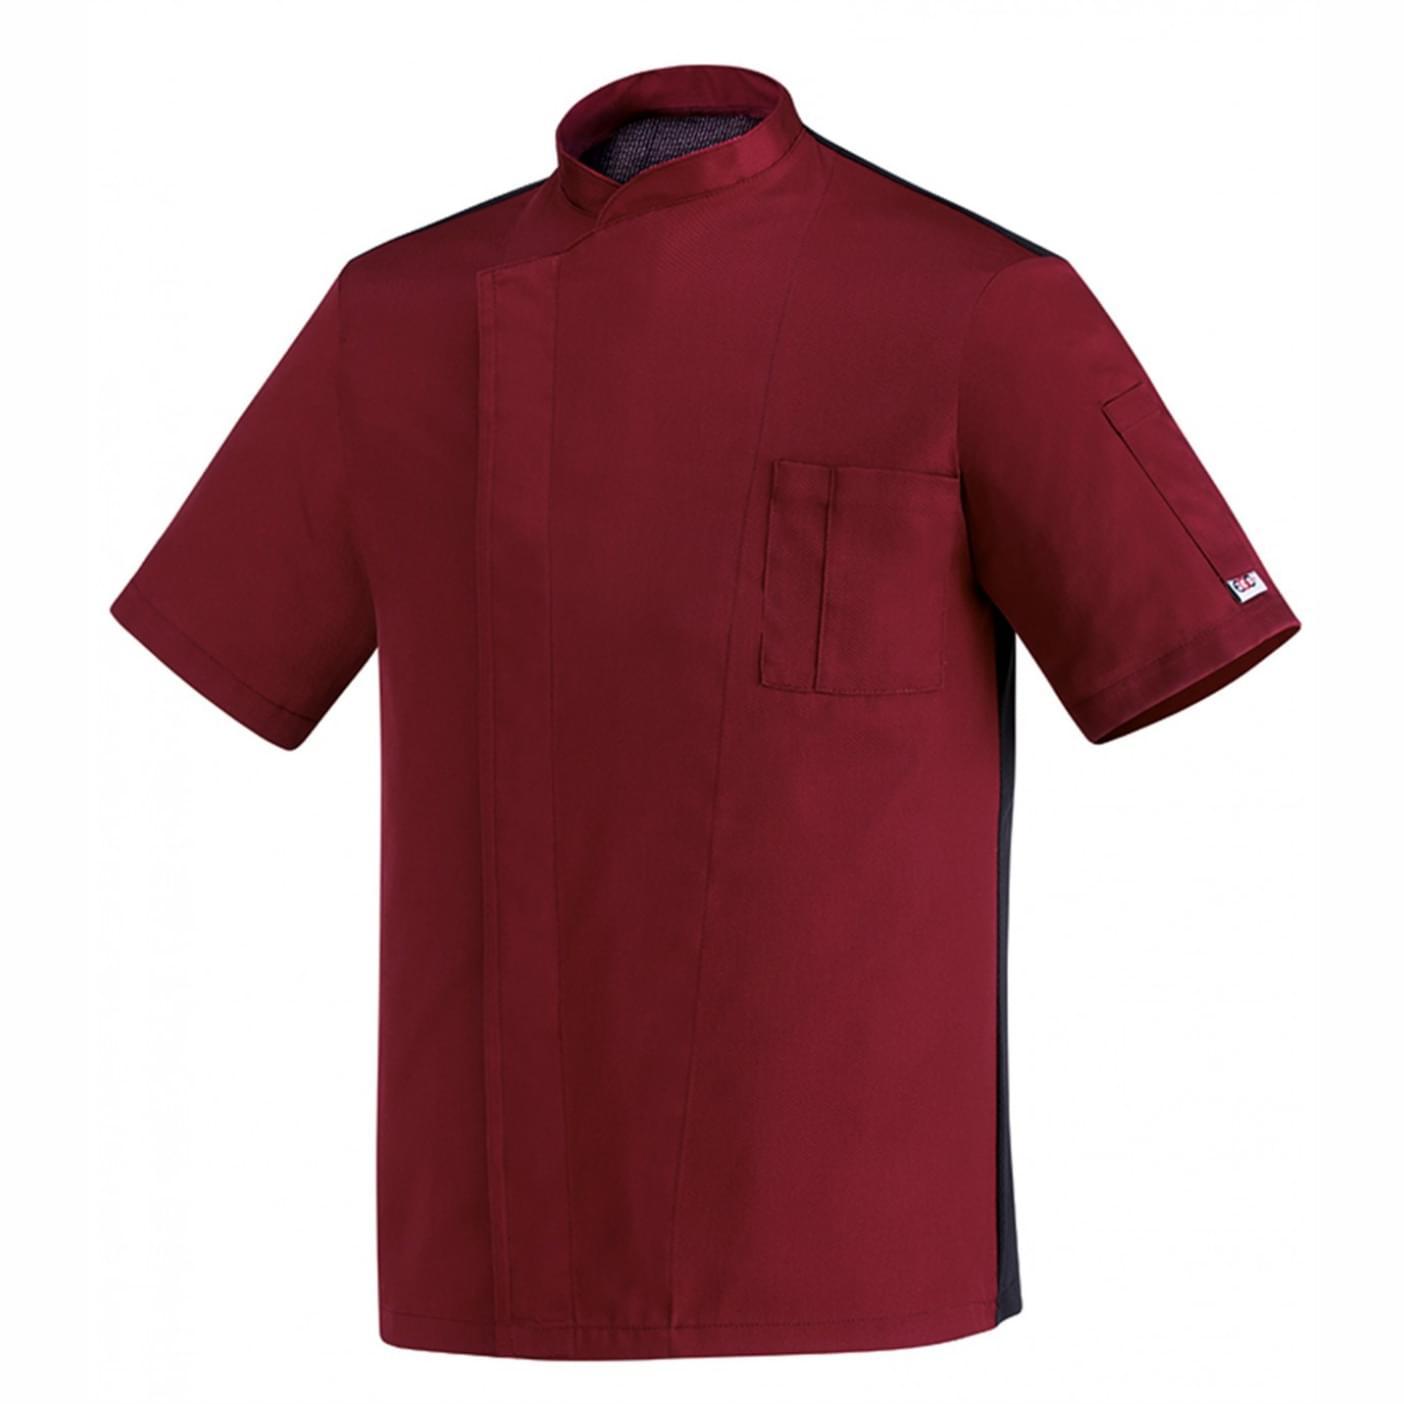 μπλούζα μάγειρα μπορντώ egochef microfiber